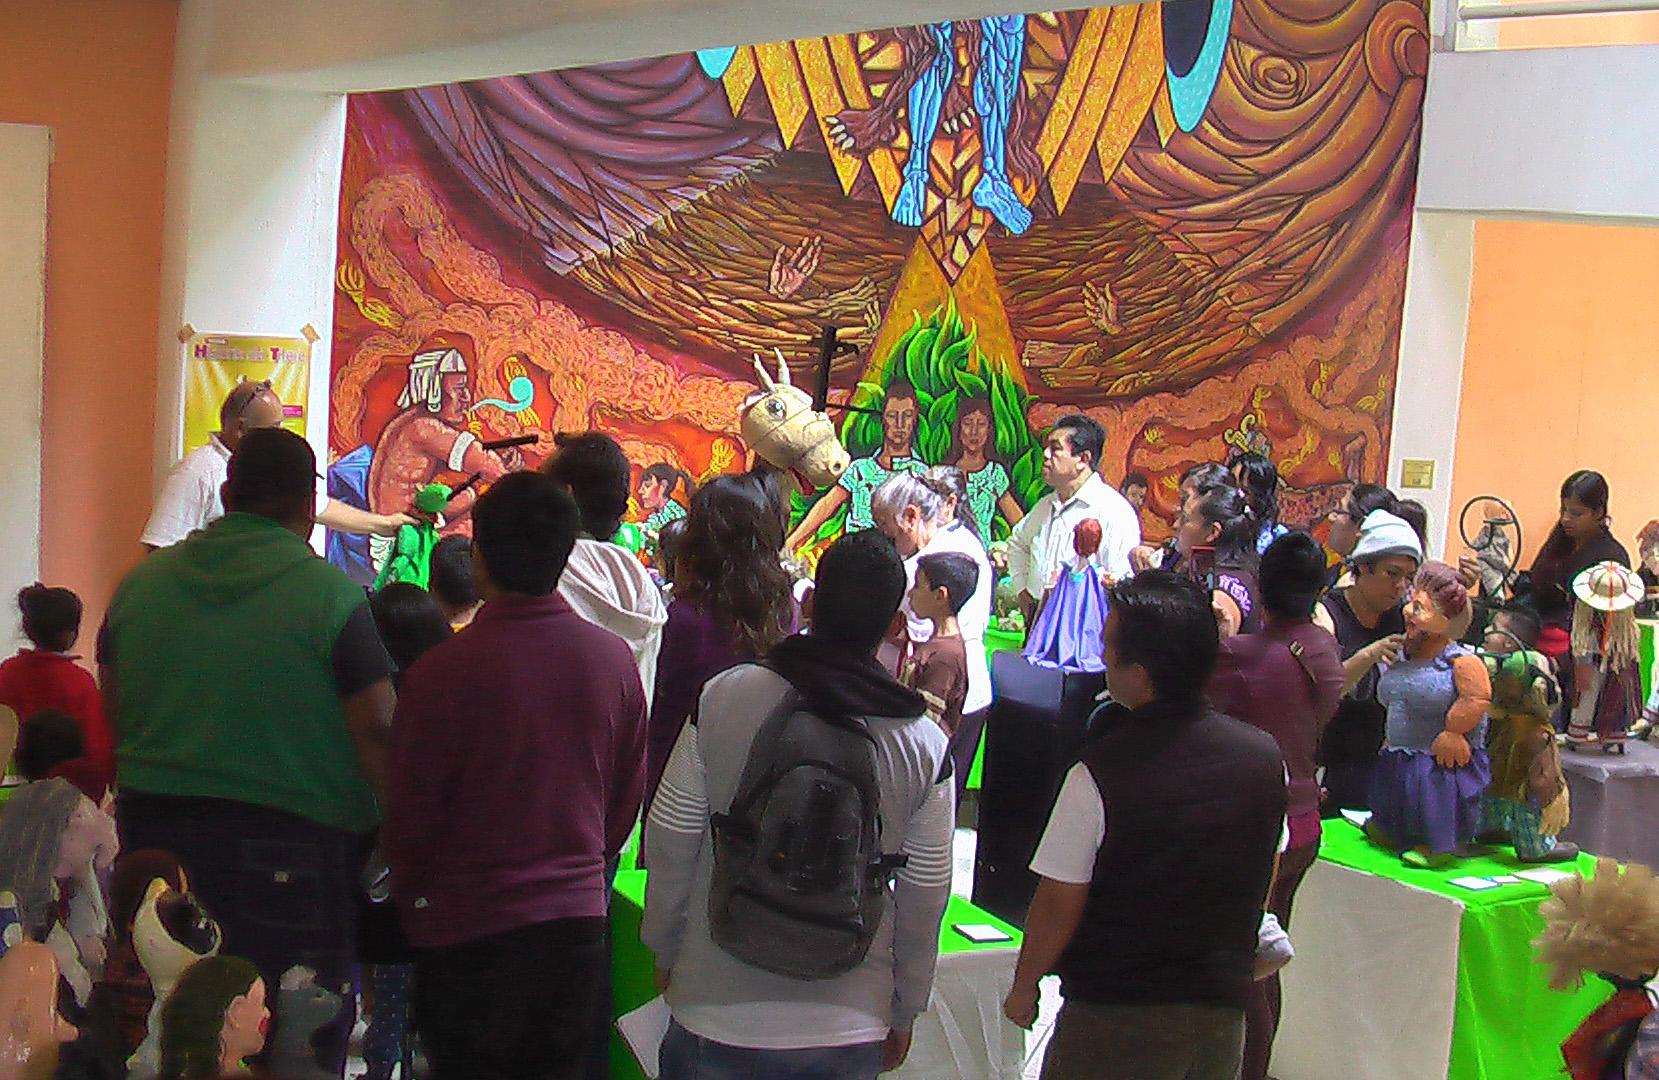 Estas actividades buscan unir a la población y enseñar arte a los niños.